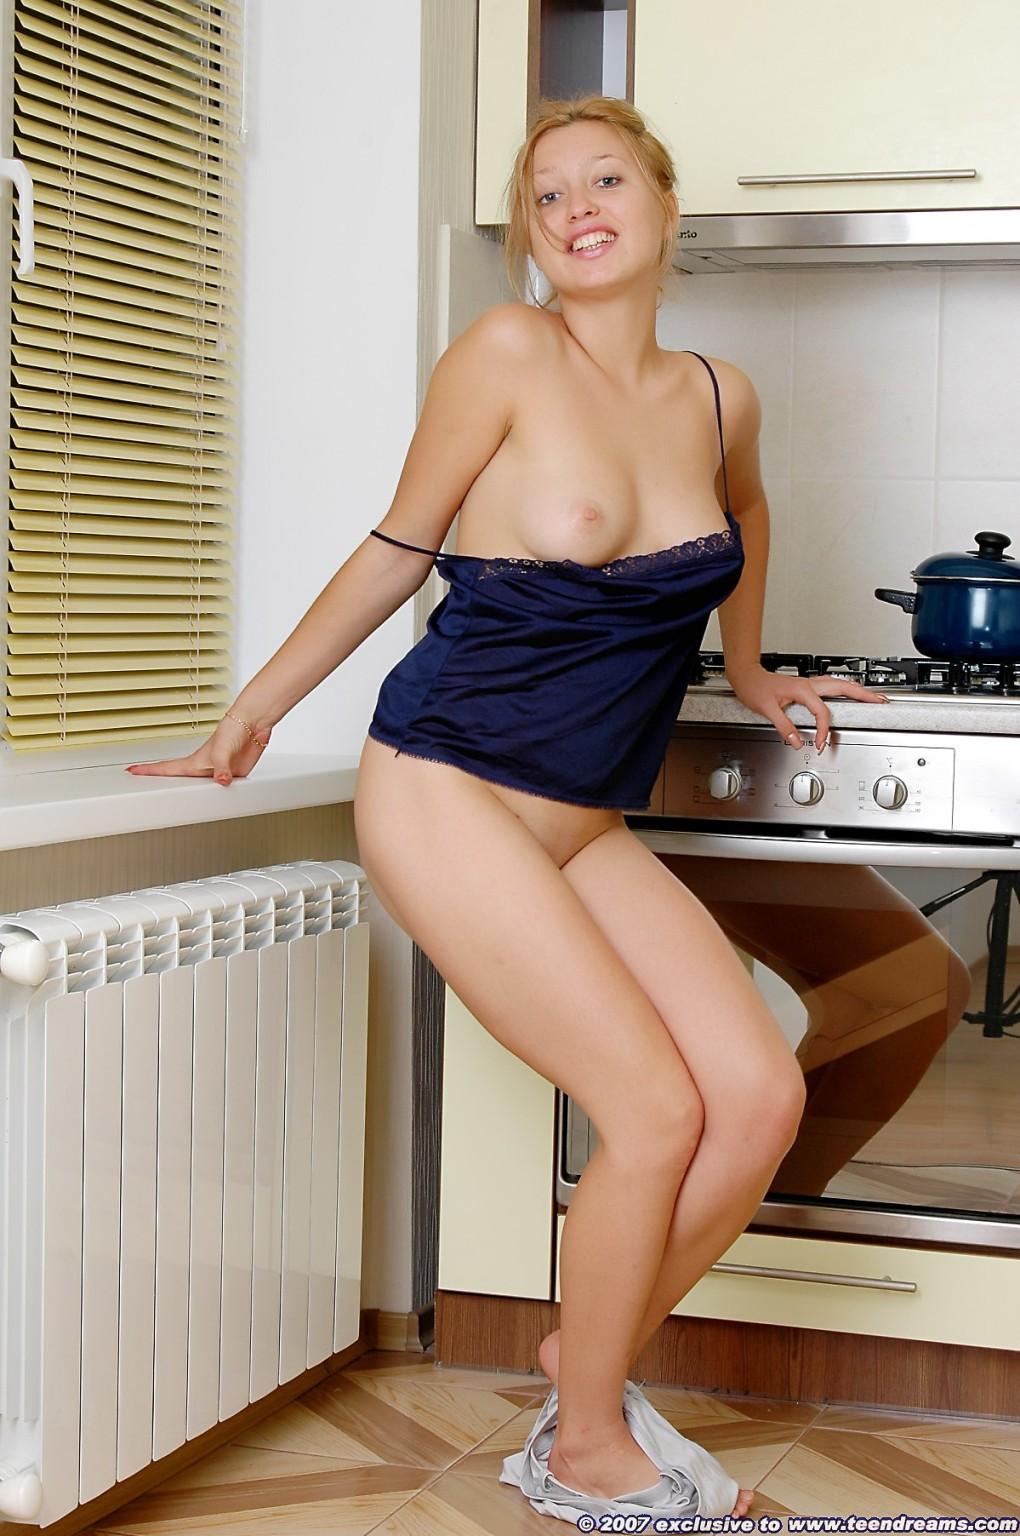 Деваха стягивает ночнушку на кухне